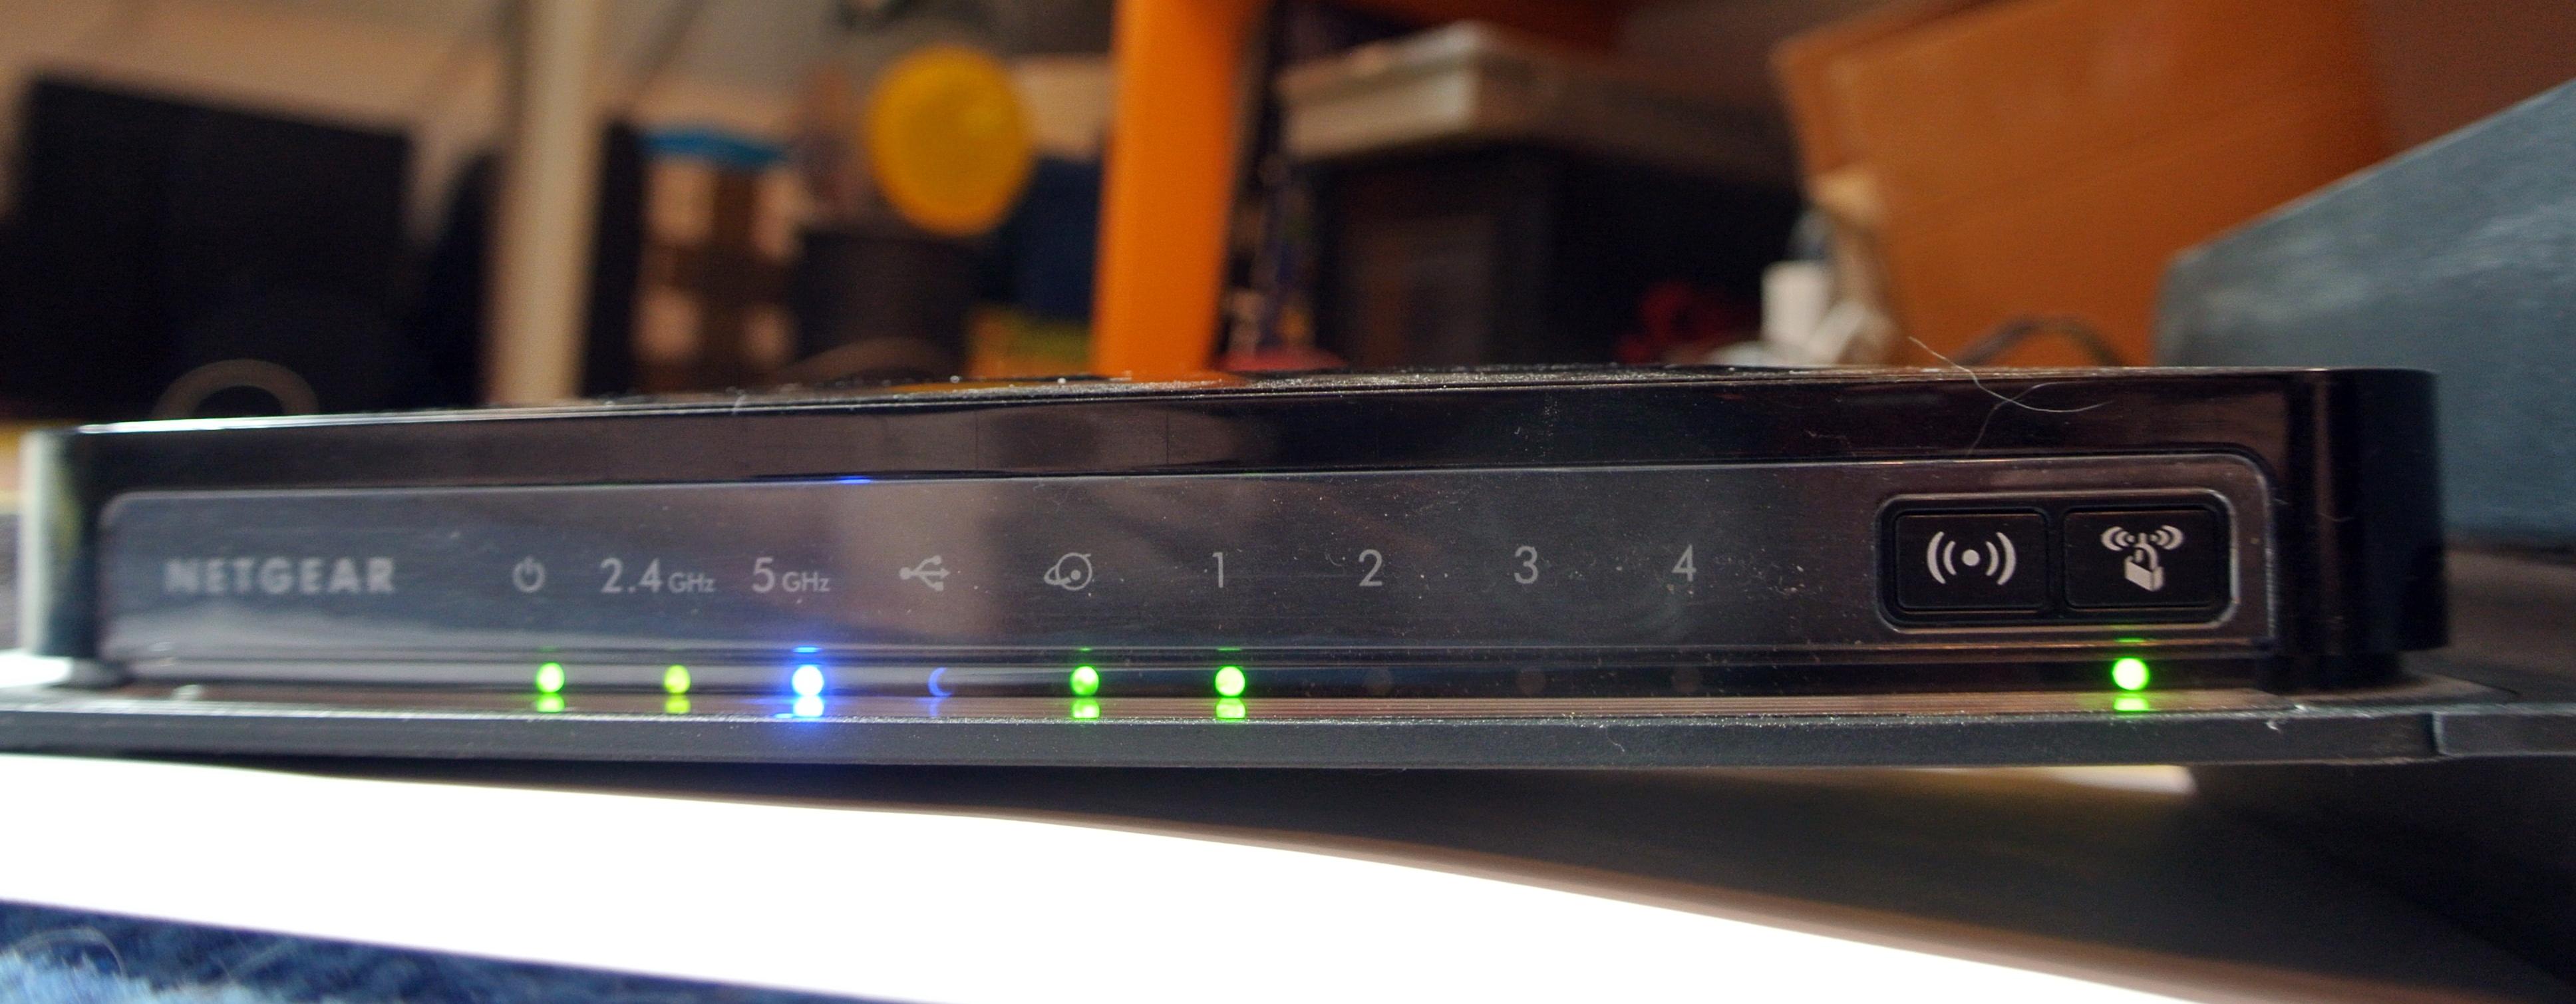 [:de]Internet-FAQ: WLAN-Router einrichten[:en]Internet-FAQ: How to set up the Wi-Fi-Router [:]